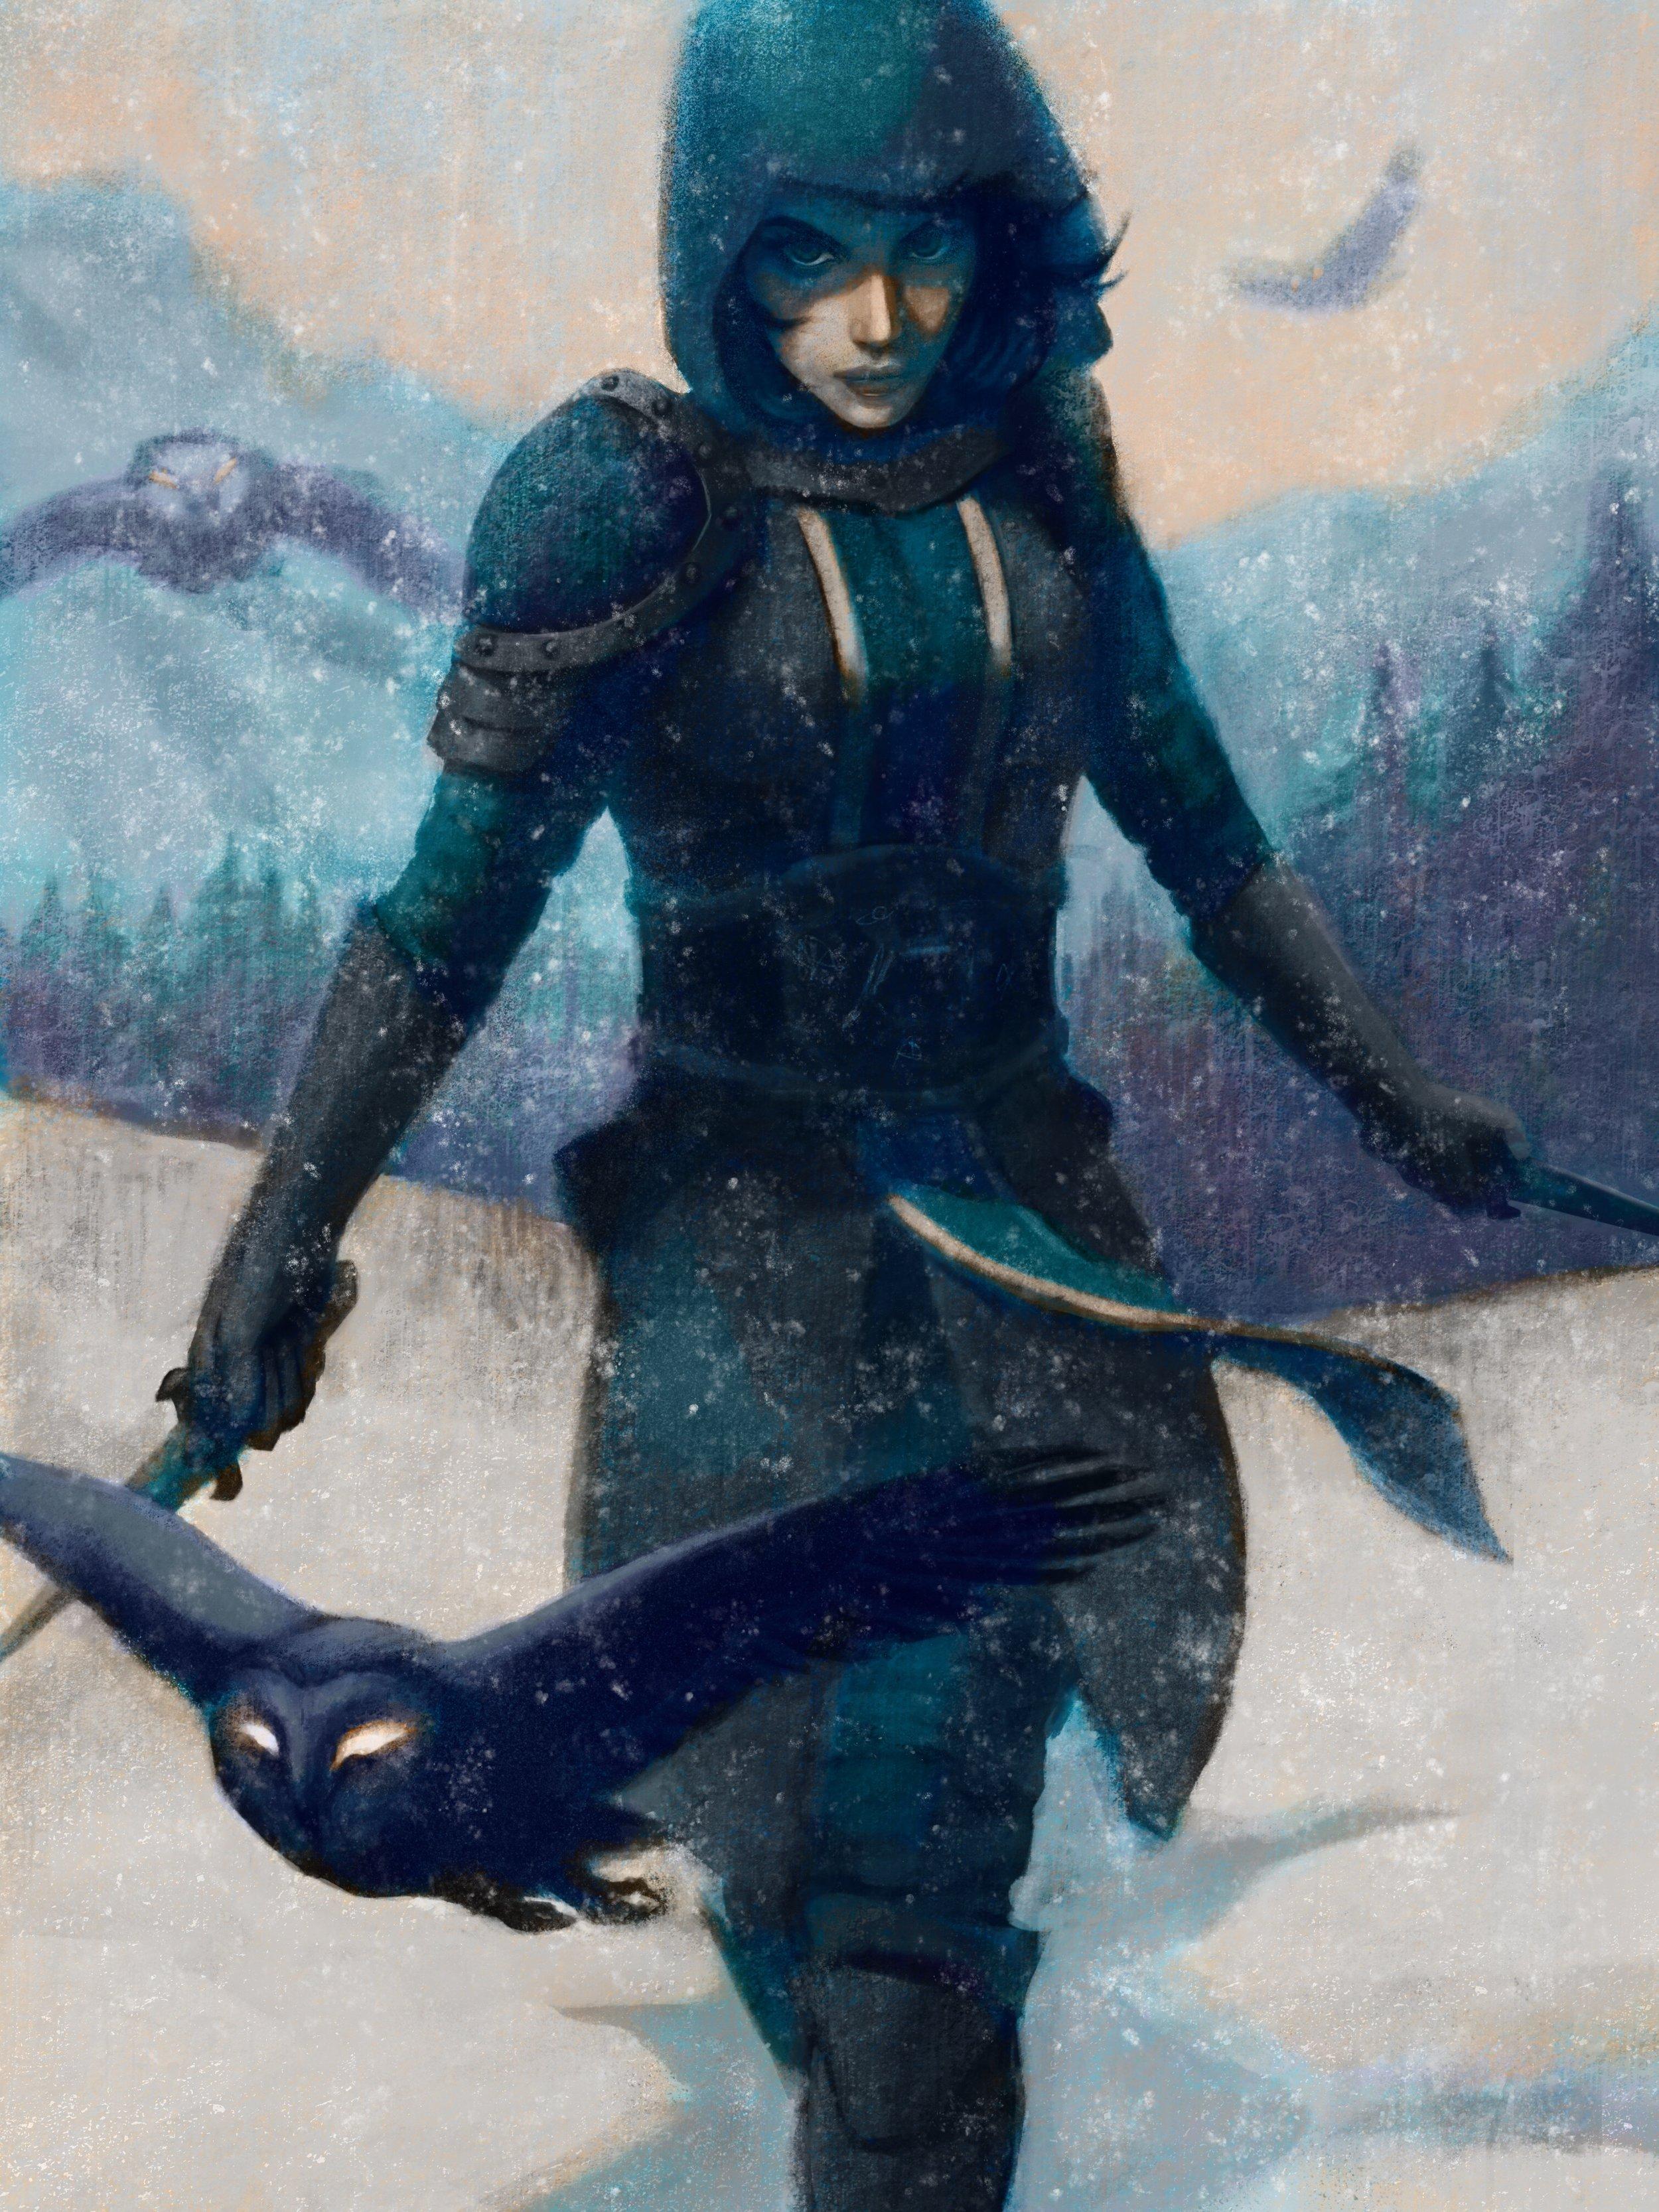 Winter Assassin